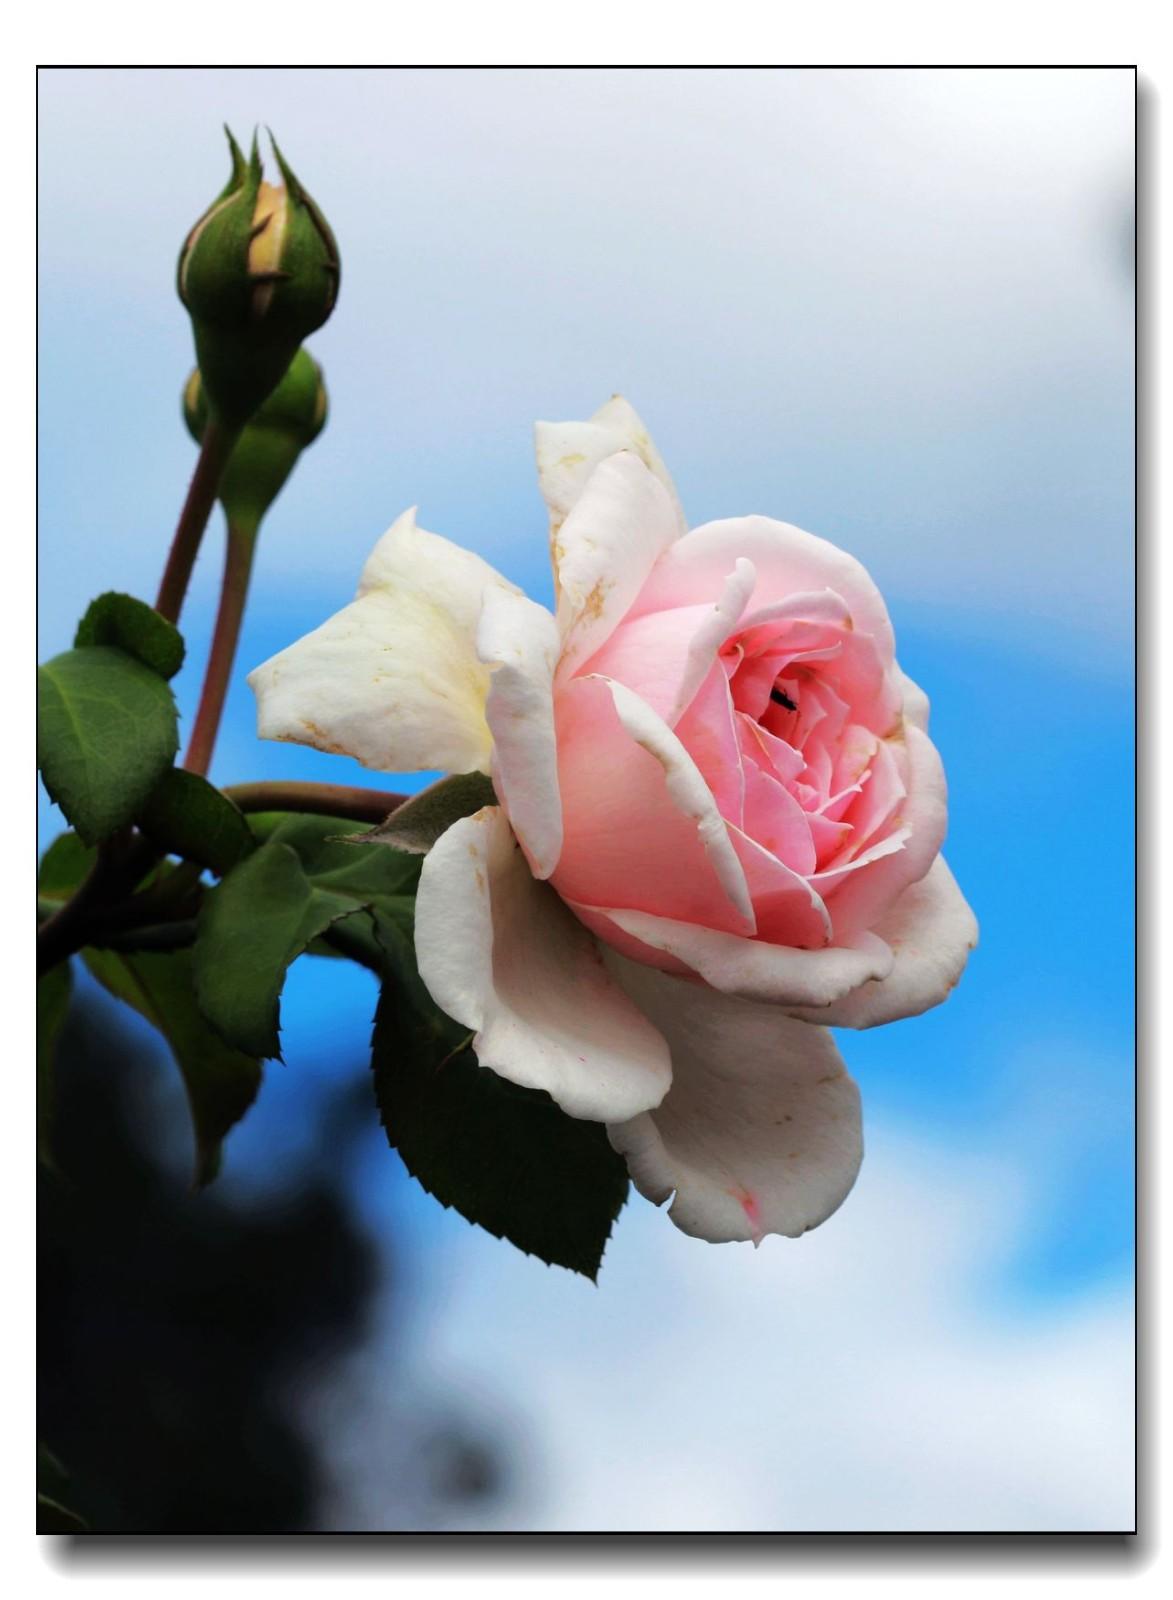 秋季玫瑰仍飘香_图1-5